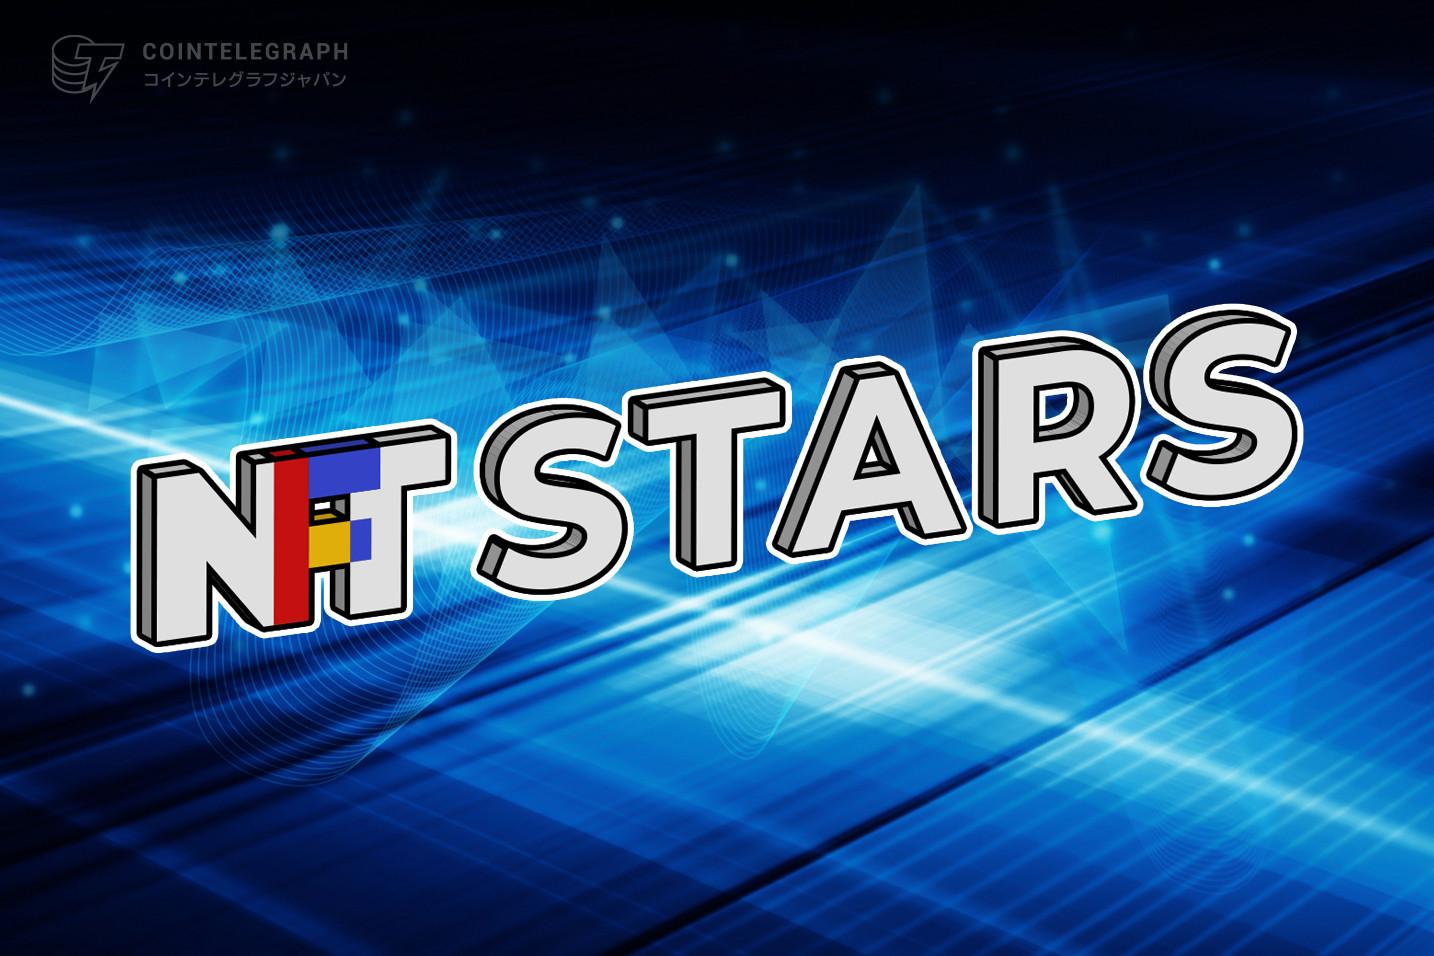 イーサリアムのハードフォークを前に、「CryptoMother」がNFT STARSオークションに登場:ブテリン氏サイン入りの伝説の品